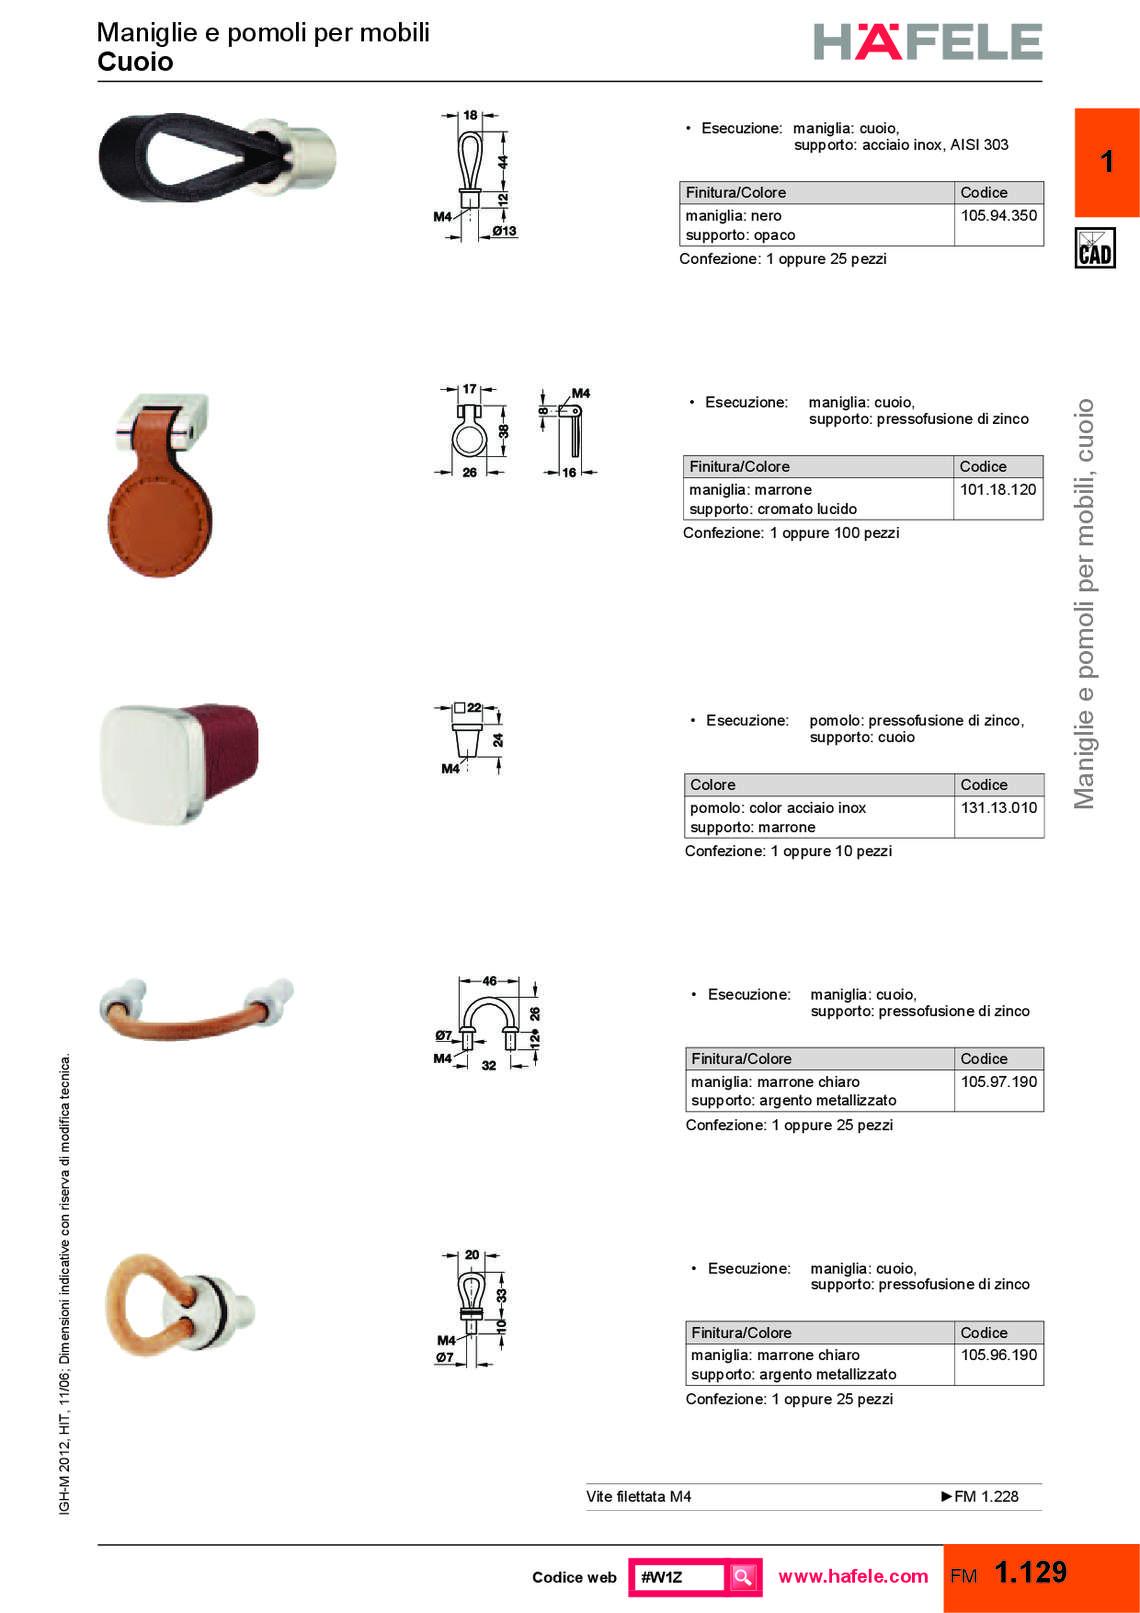 hafele-maniglie-e-pomoli_79_138.jpg